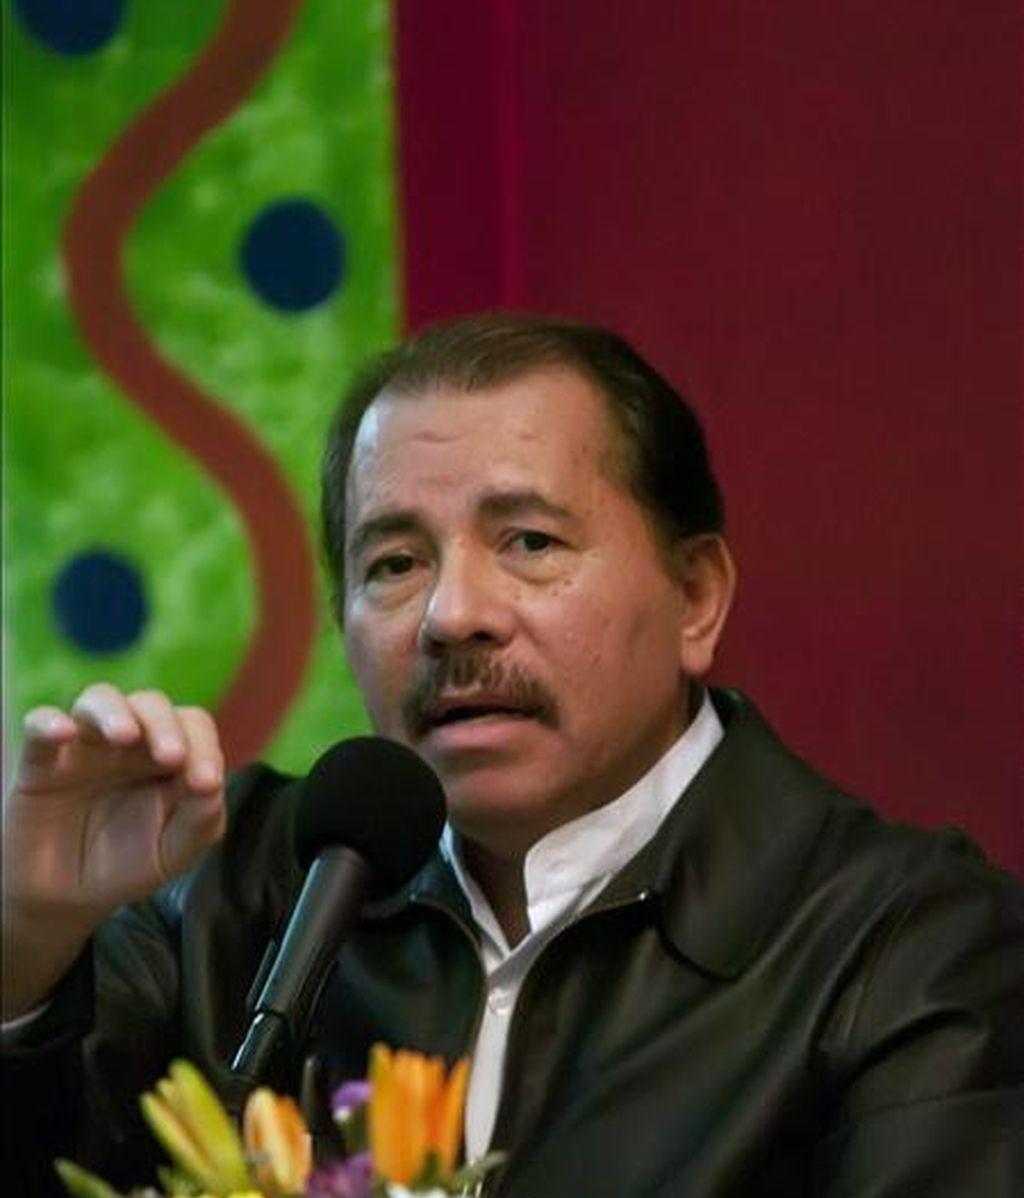 El presidente nicaragüense, Daniel Ortega, ofrece una rueda de prensa, este 30 de septiembre, en la secretaria del frente sandinista en Managua (Nicaragua). EFE